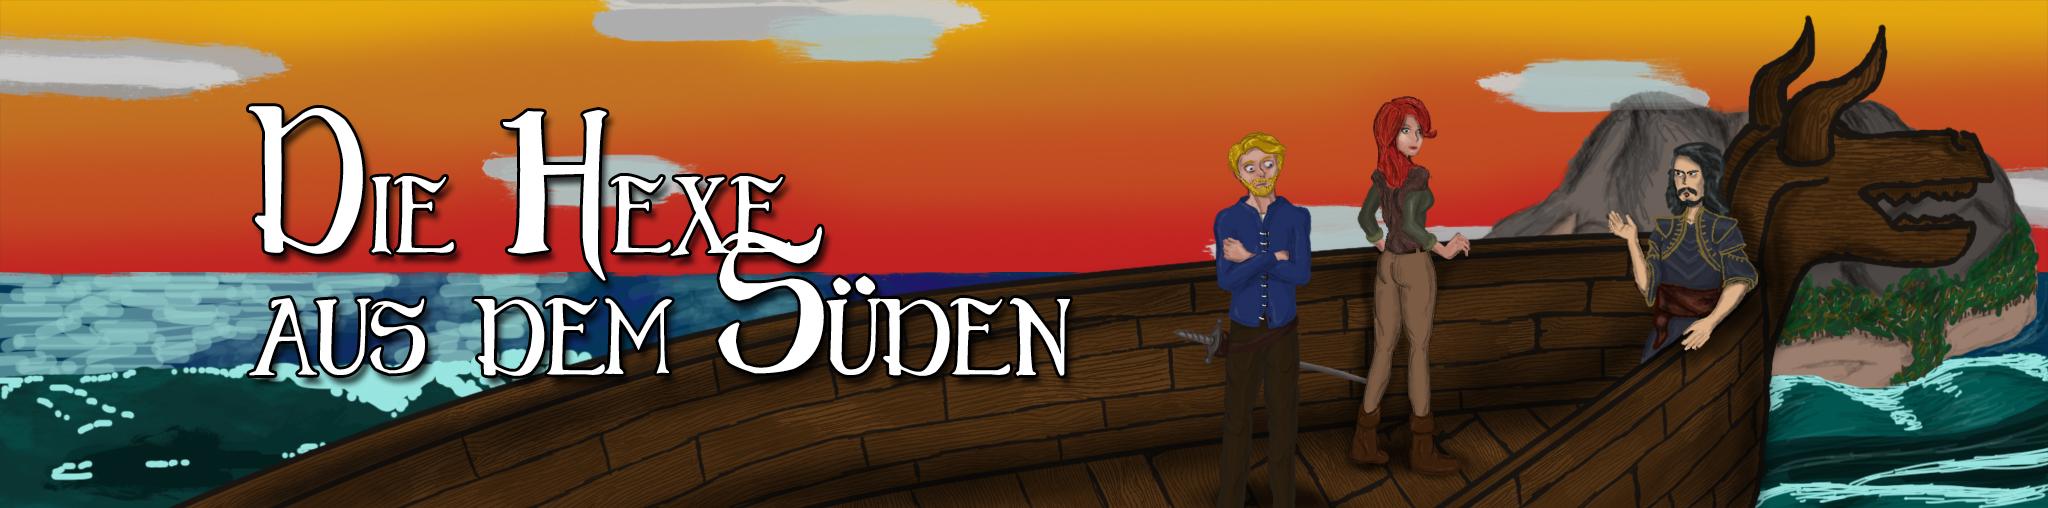 Die Hexe aus dem Sden  Episode 10  TripleTwenty